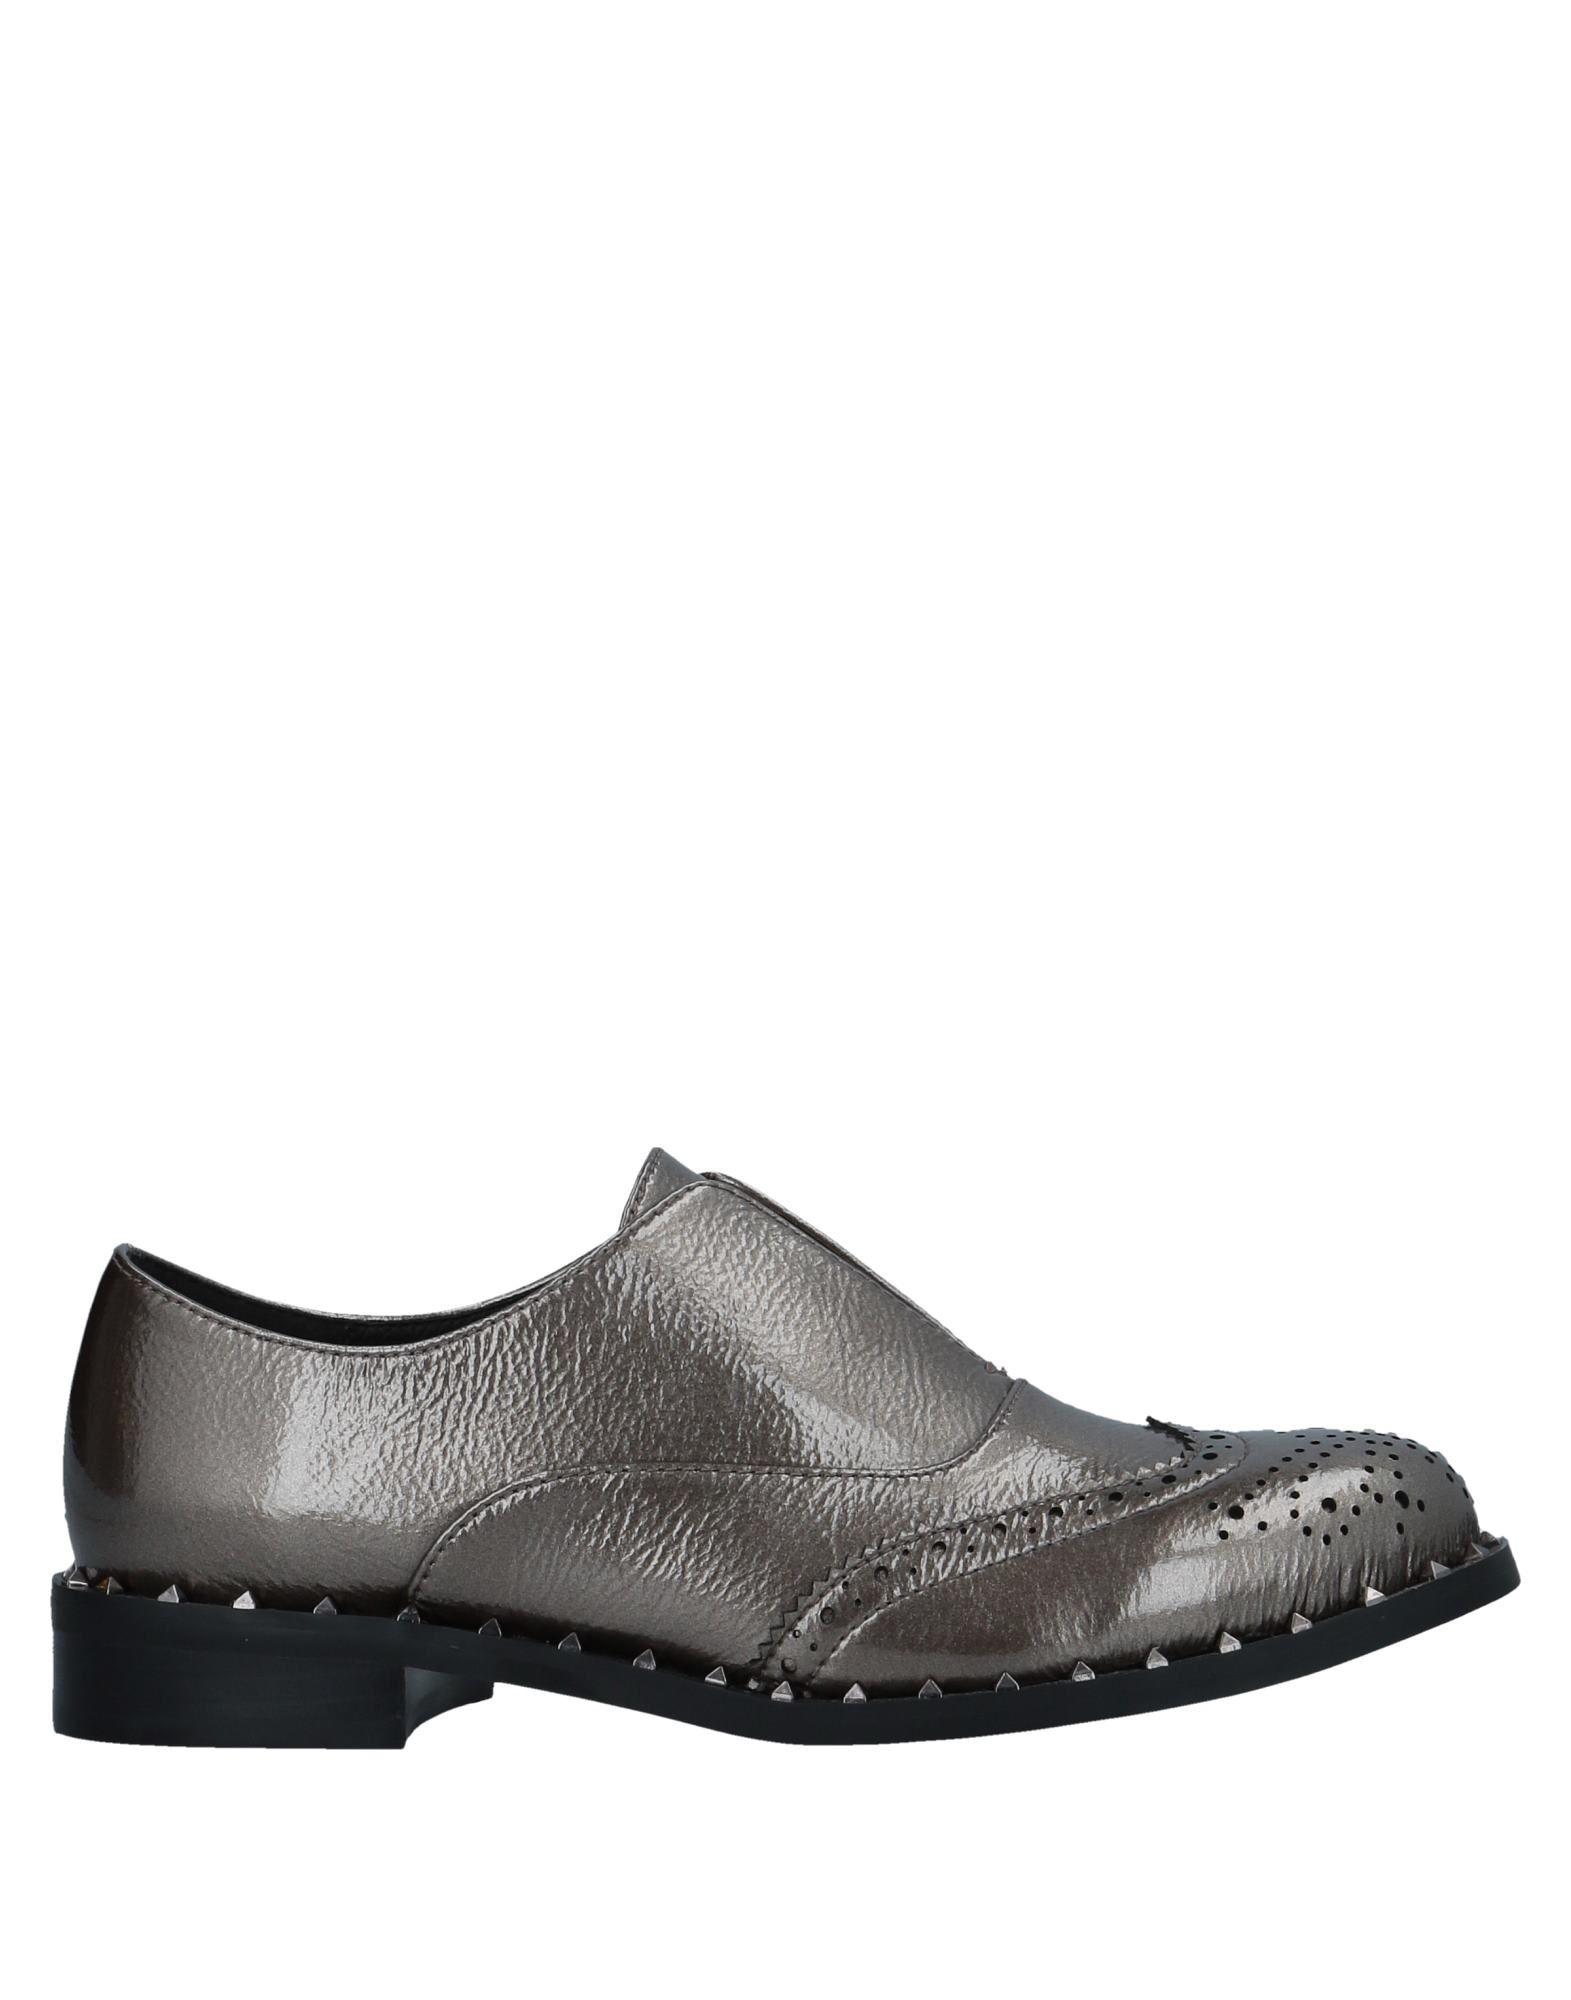 Bibi Lou Mokassins Damen  11525432PL Gute Qualität beliebte Schuhe